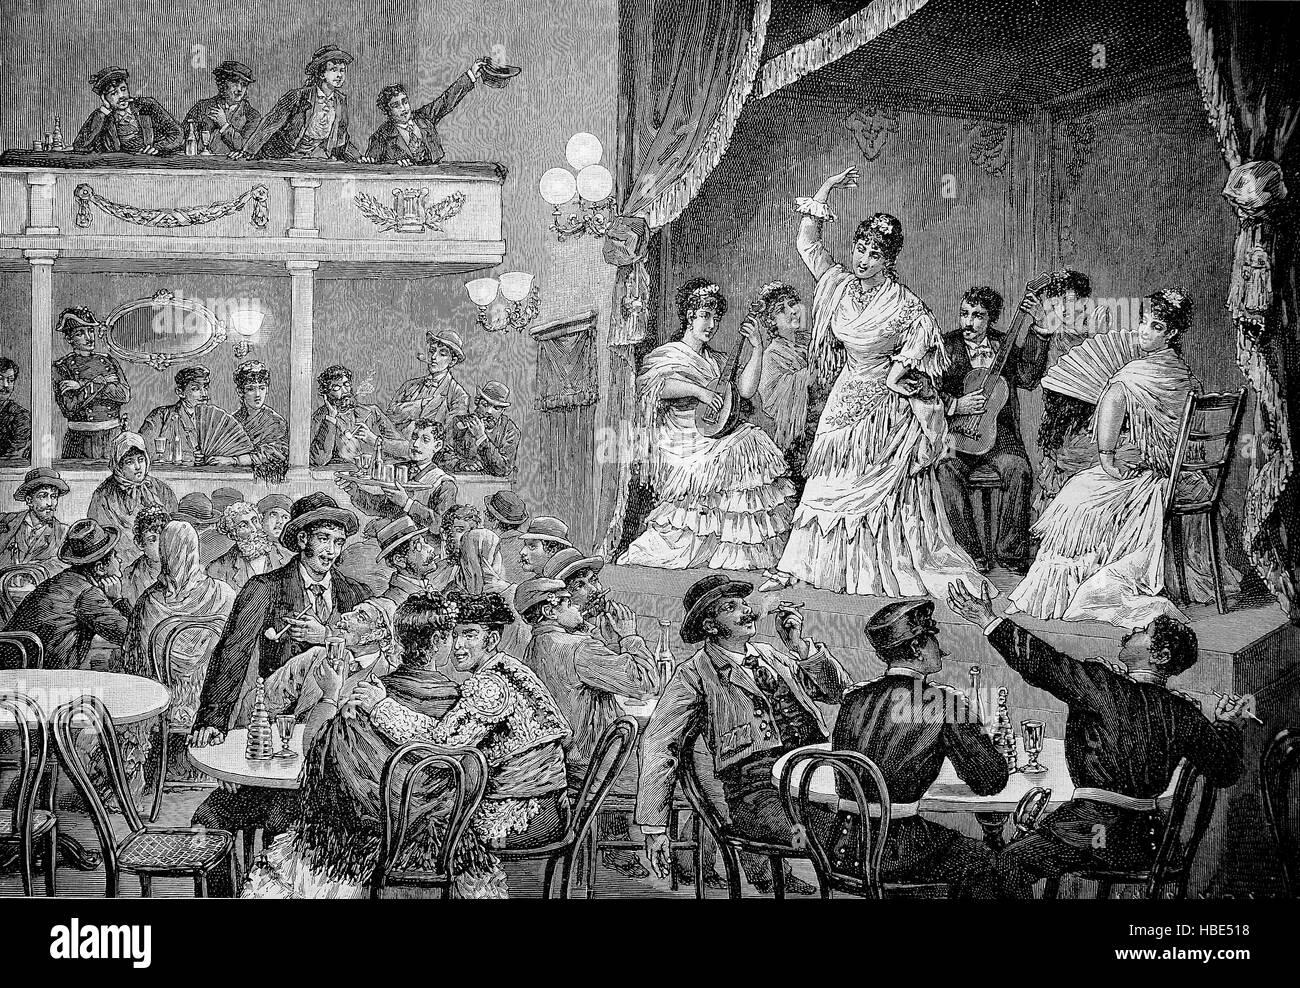 La gente di teatro in Spagna nel 19. secolo, illustrazione, xilografia dal 1880 Immagini Stock